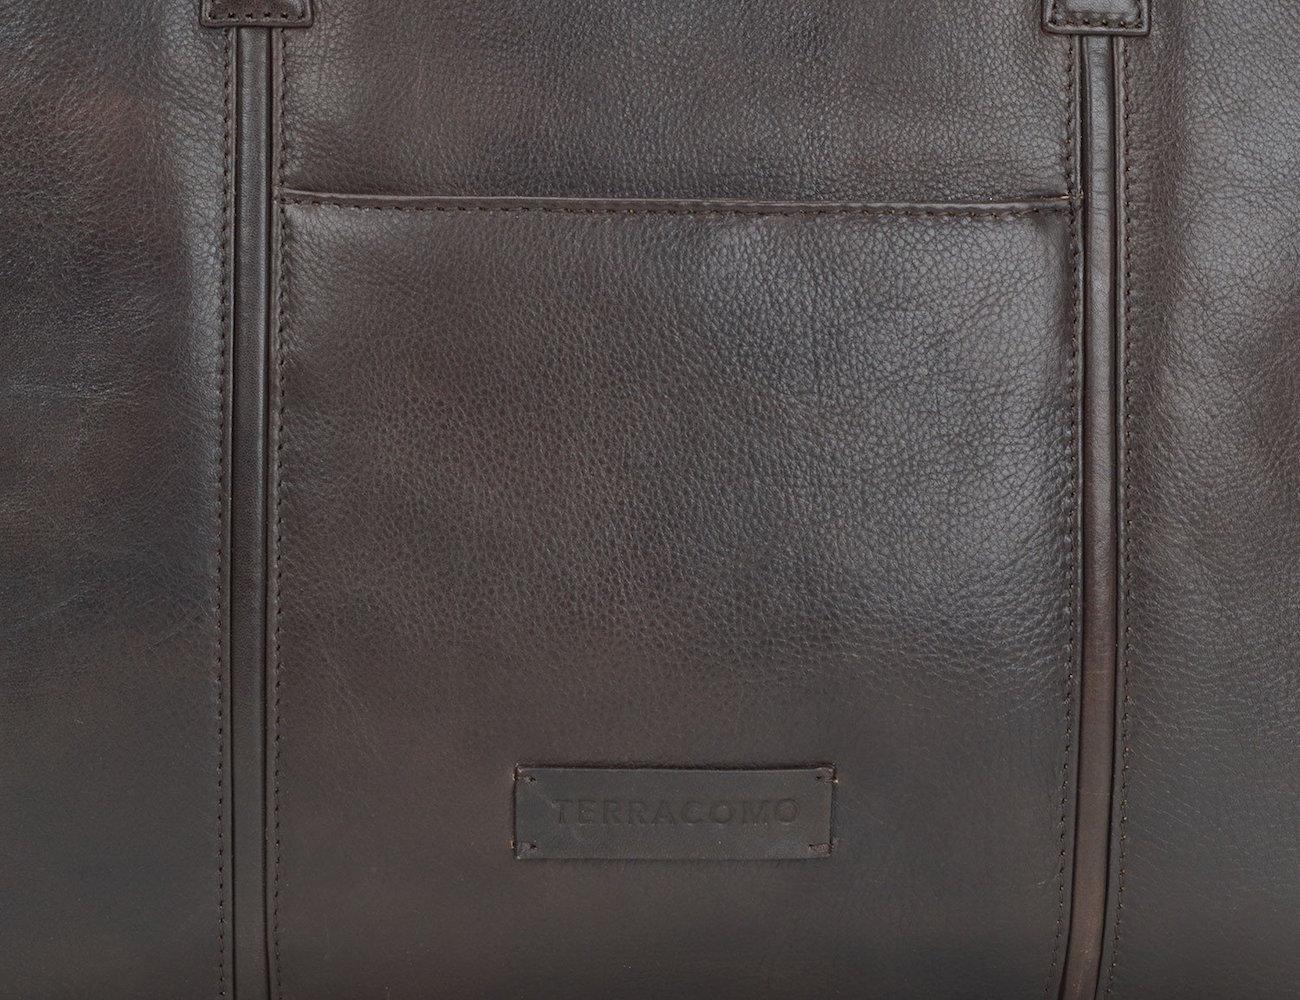 Terracomo Gerard Slim Leather Briefcase